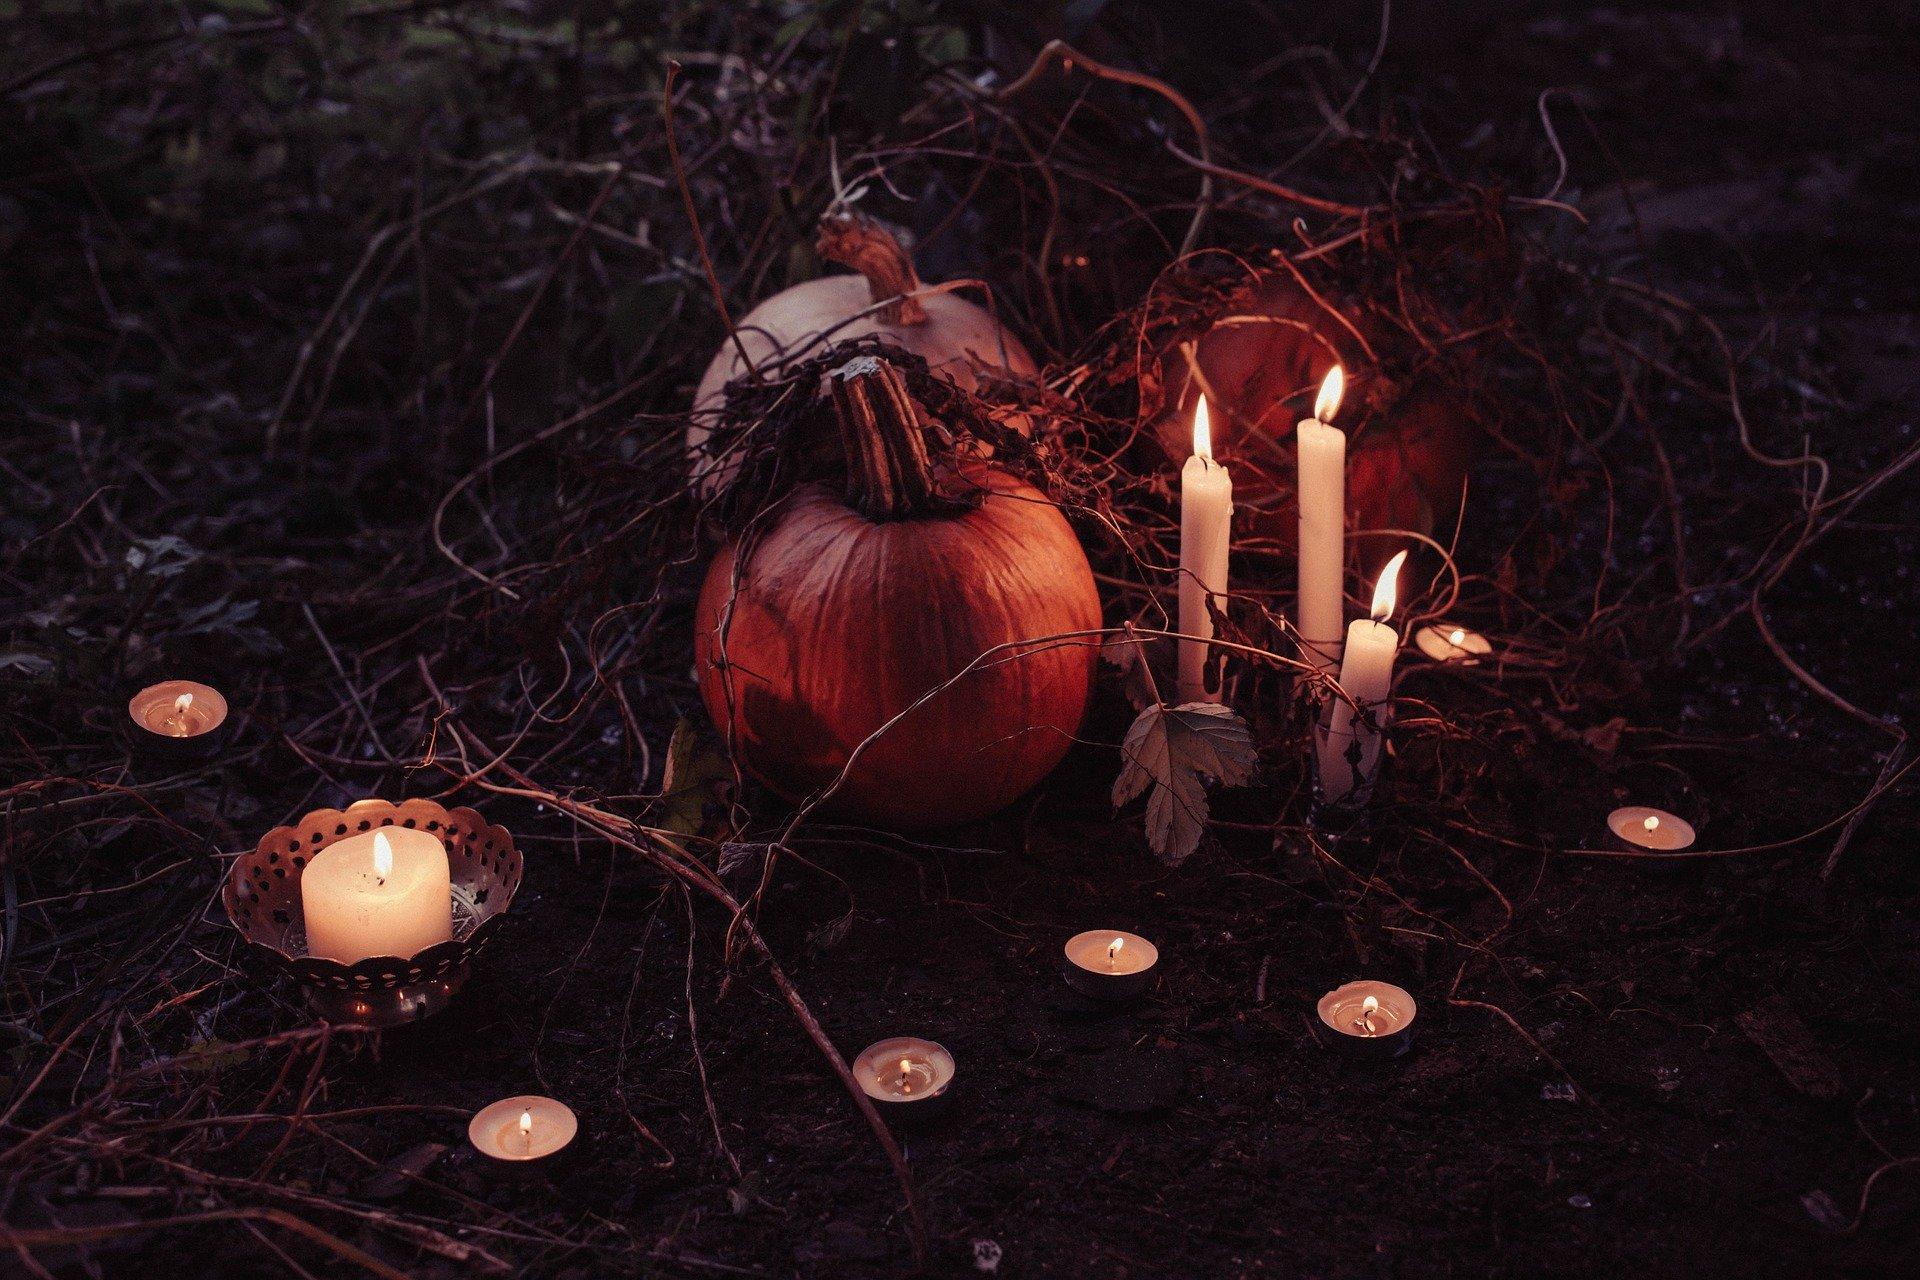 pumpkin-2594747_1920